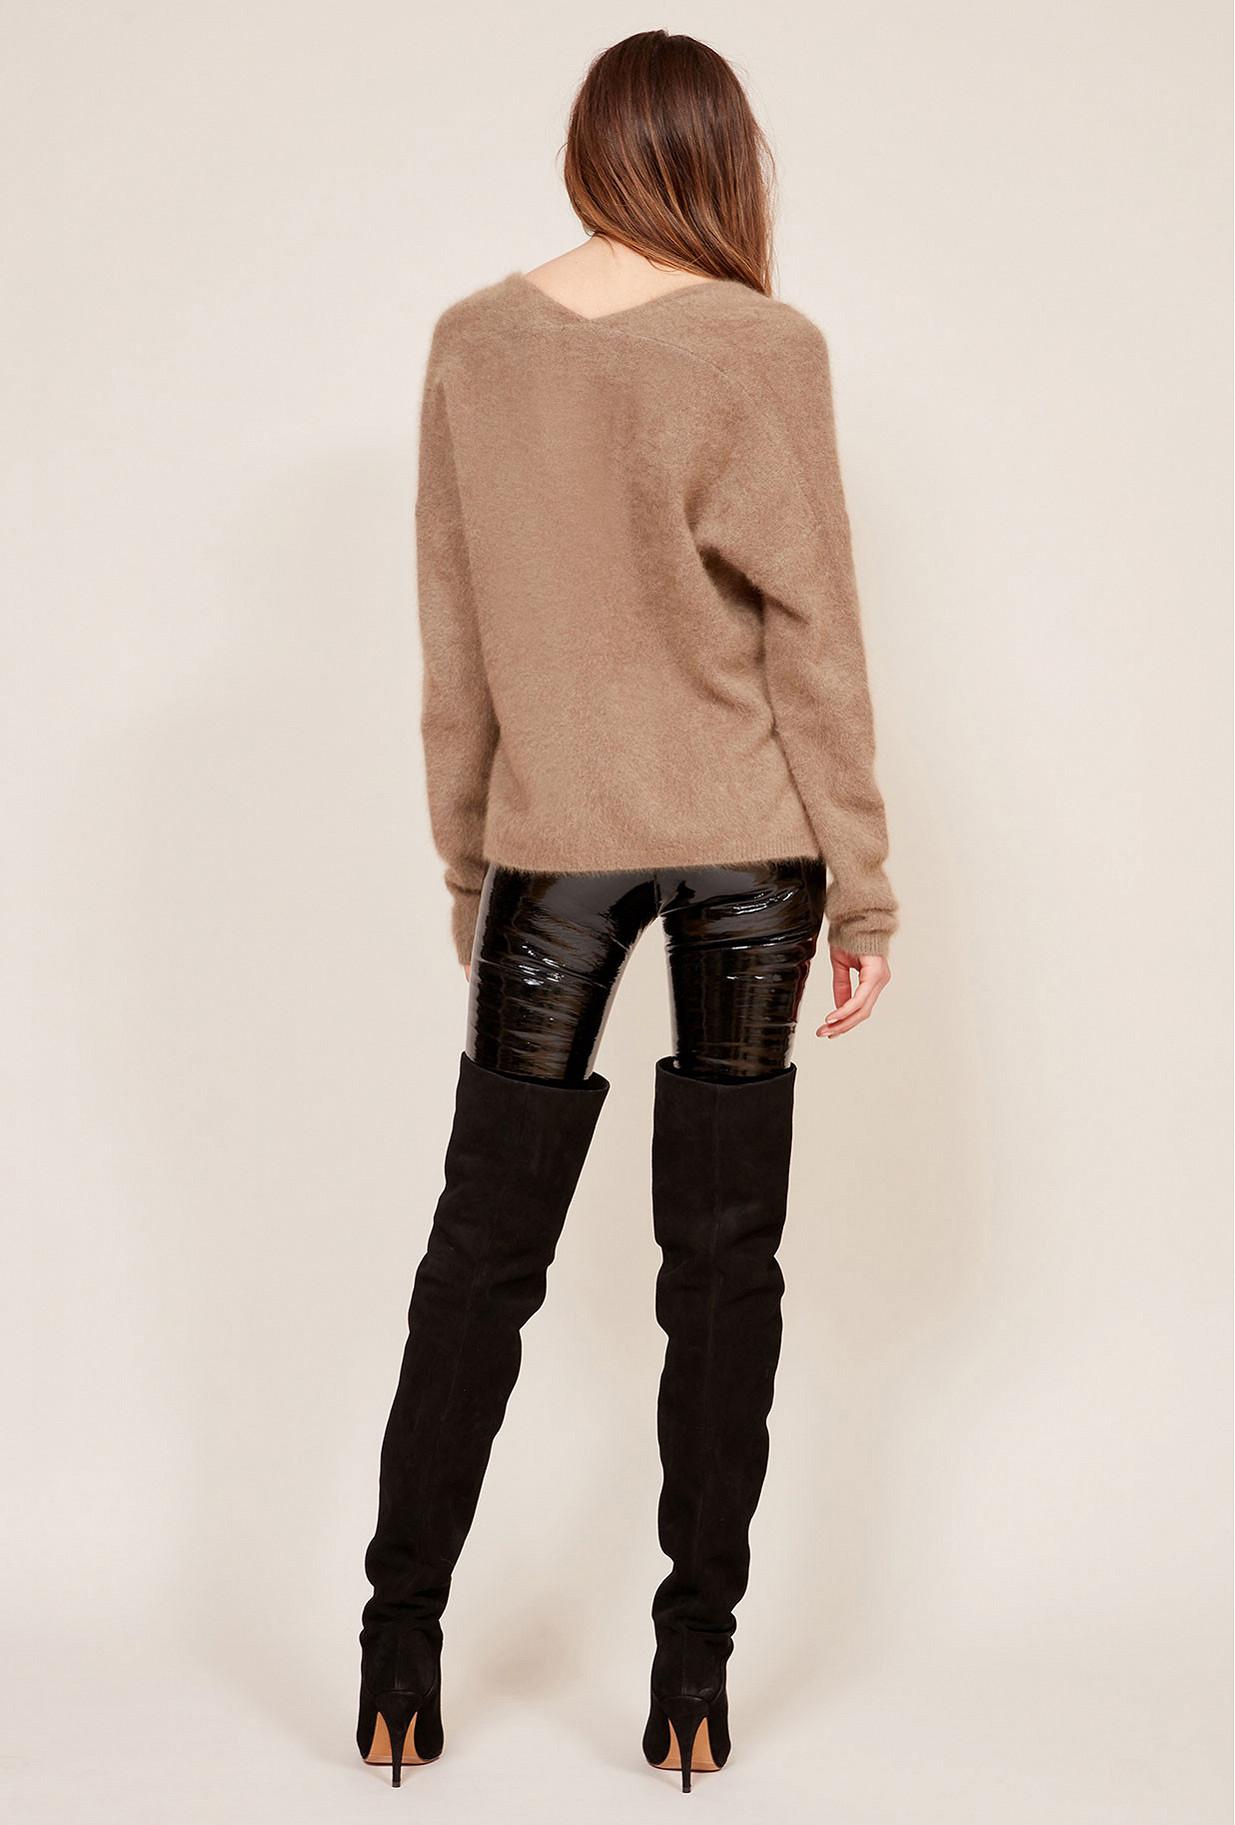 Paris clothes store Sweater  Elizabeth french designer fashion Paris